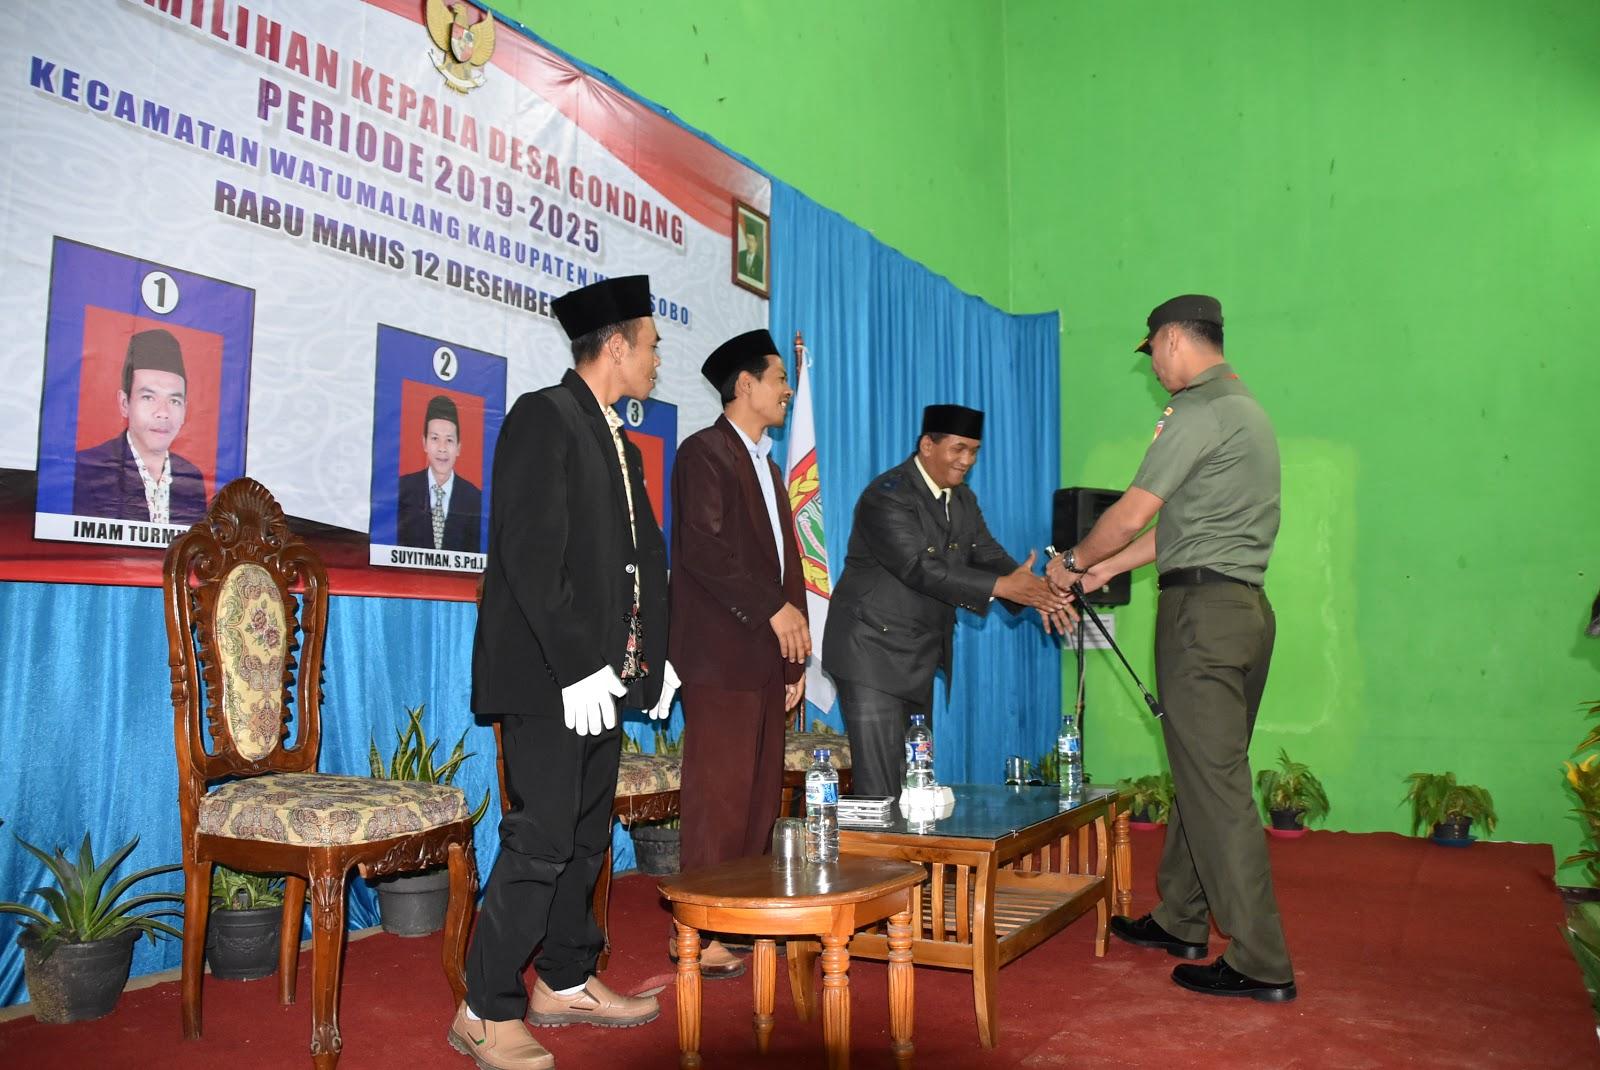 Kodim 0707 Pantau Pilkades Serentak Kabupaten Wonosobo